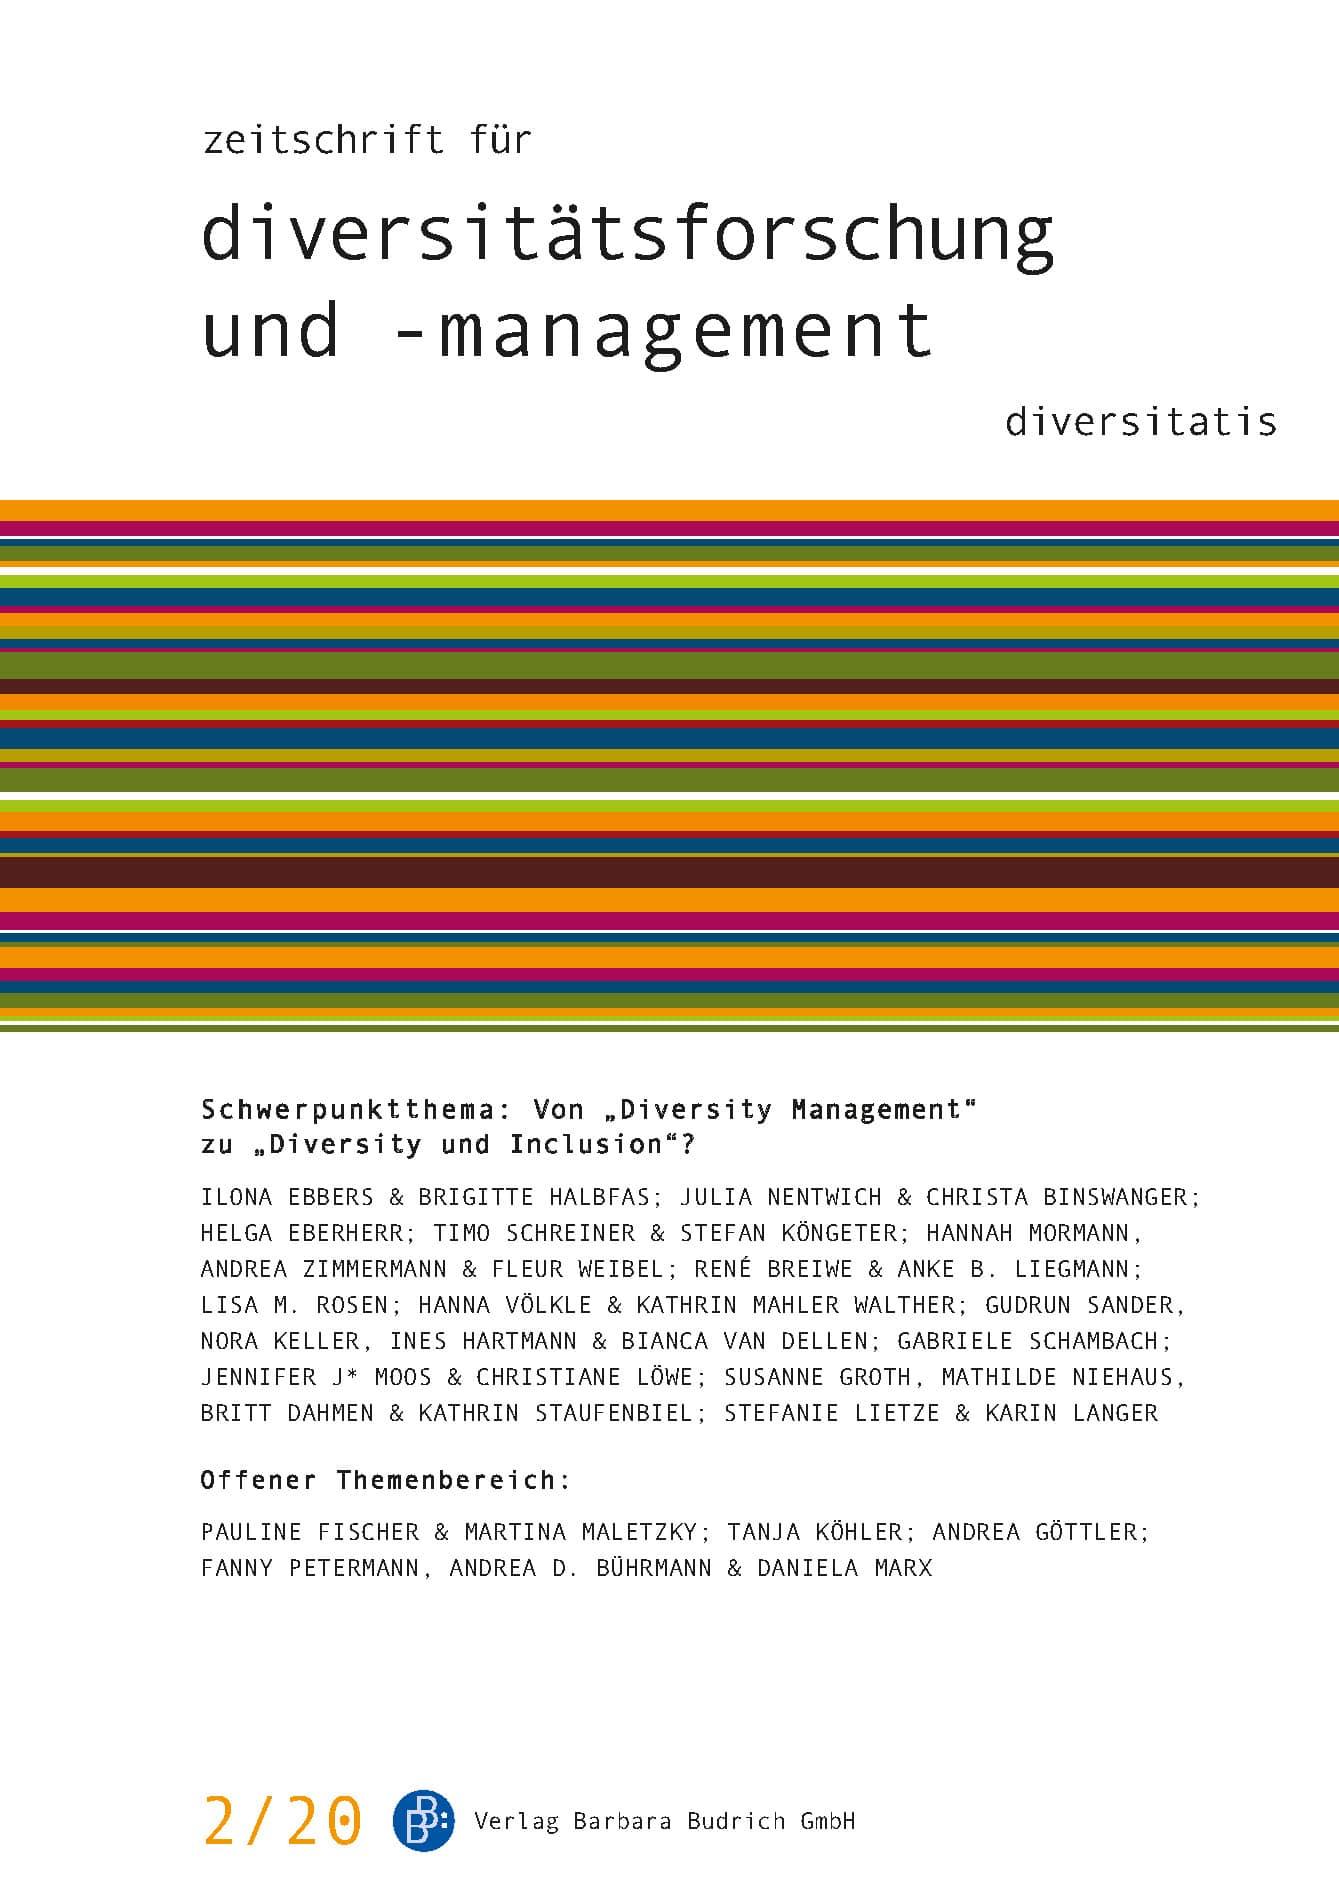 """ZDfm – Zeitschrift für Diversitätsforschung und -management 2-2020: Von """"Diversity Management"""" zu """"Diversity und Inclusion""""?"""